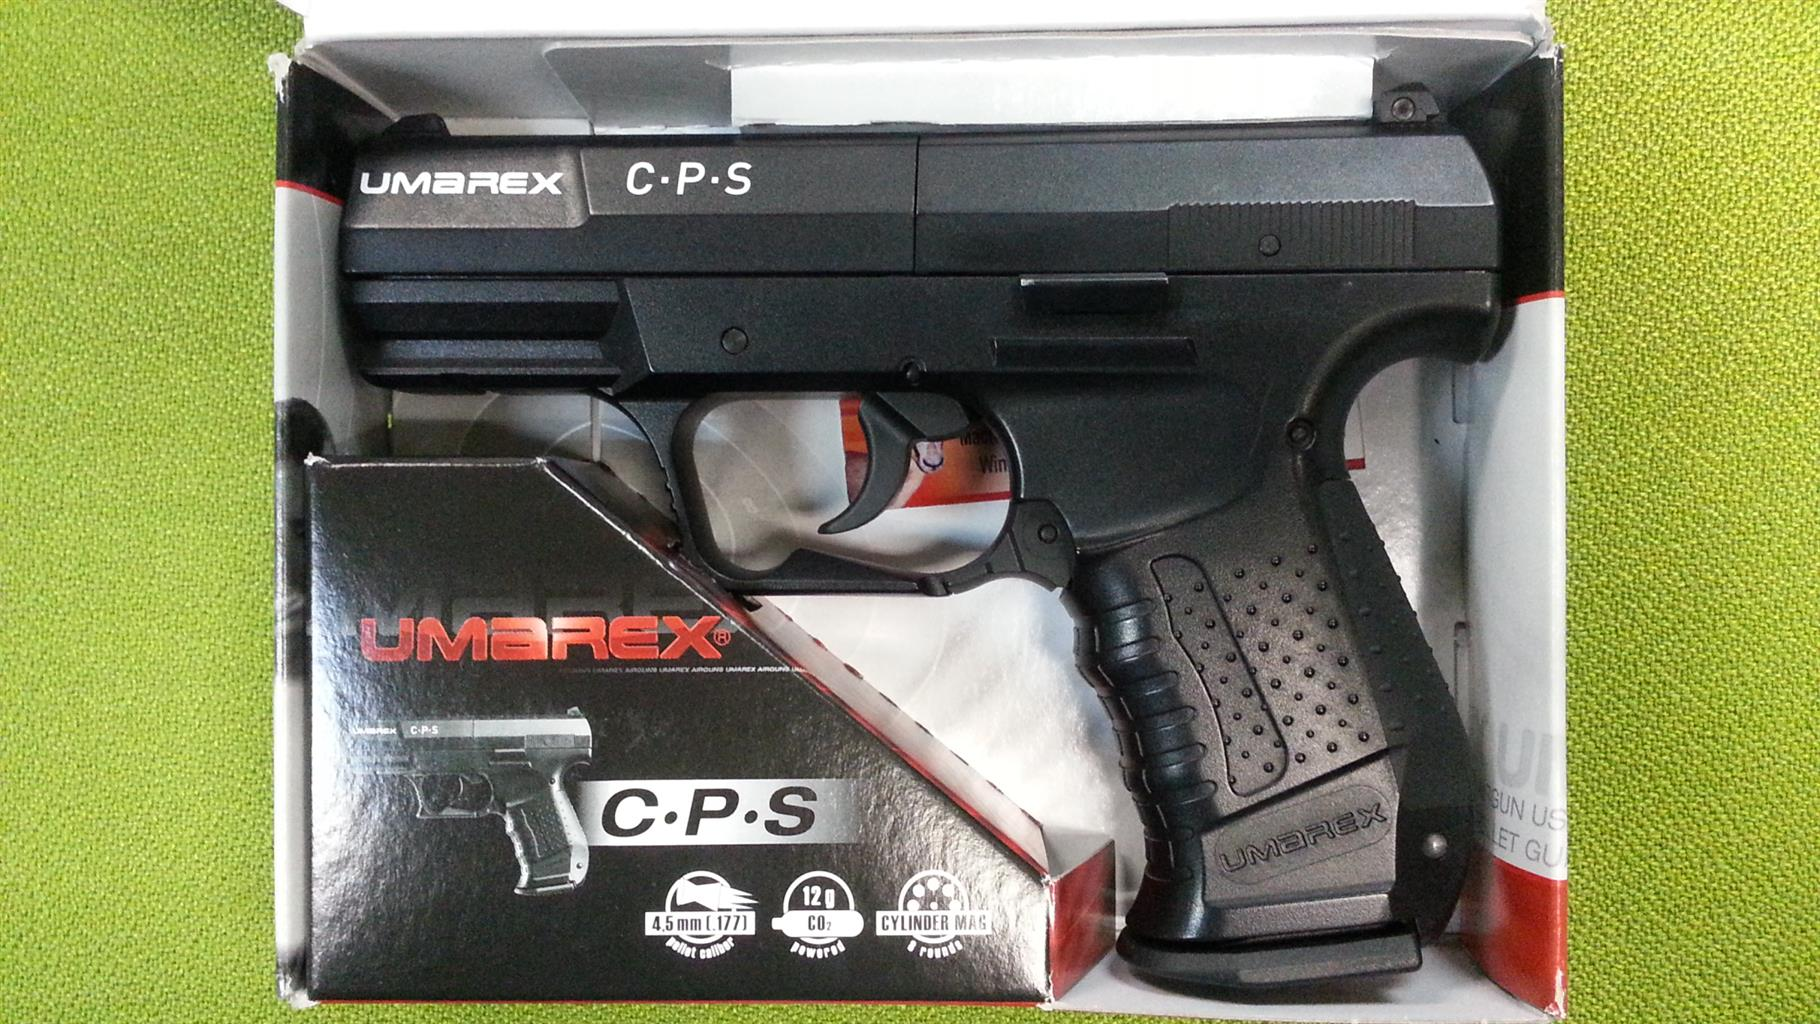 Umarex C.P.S semi auto air pistol